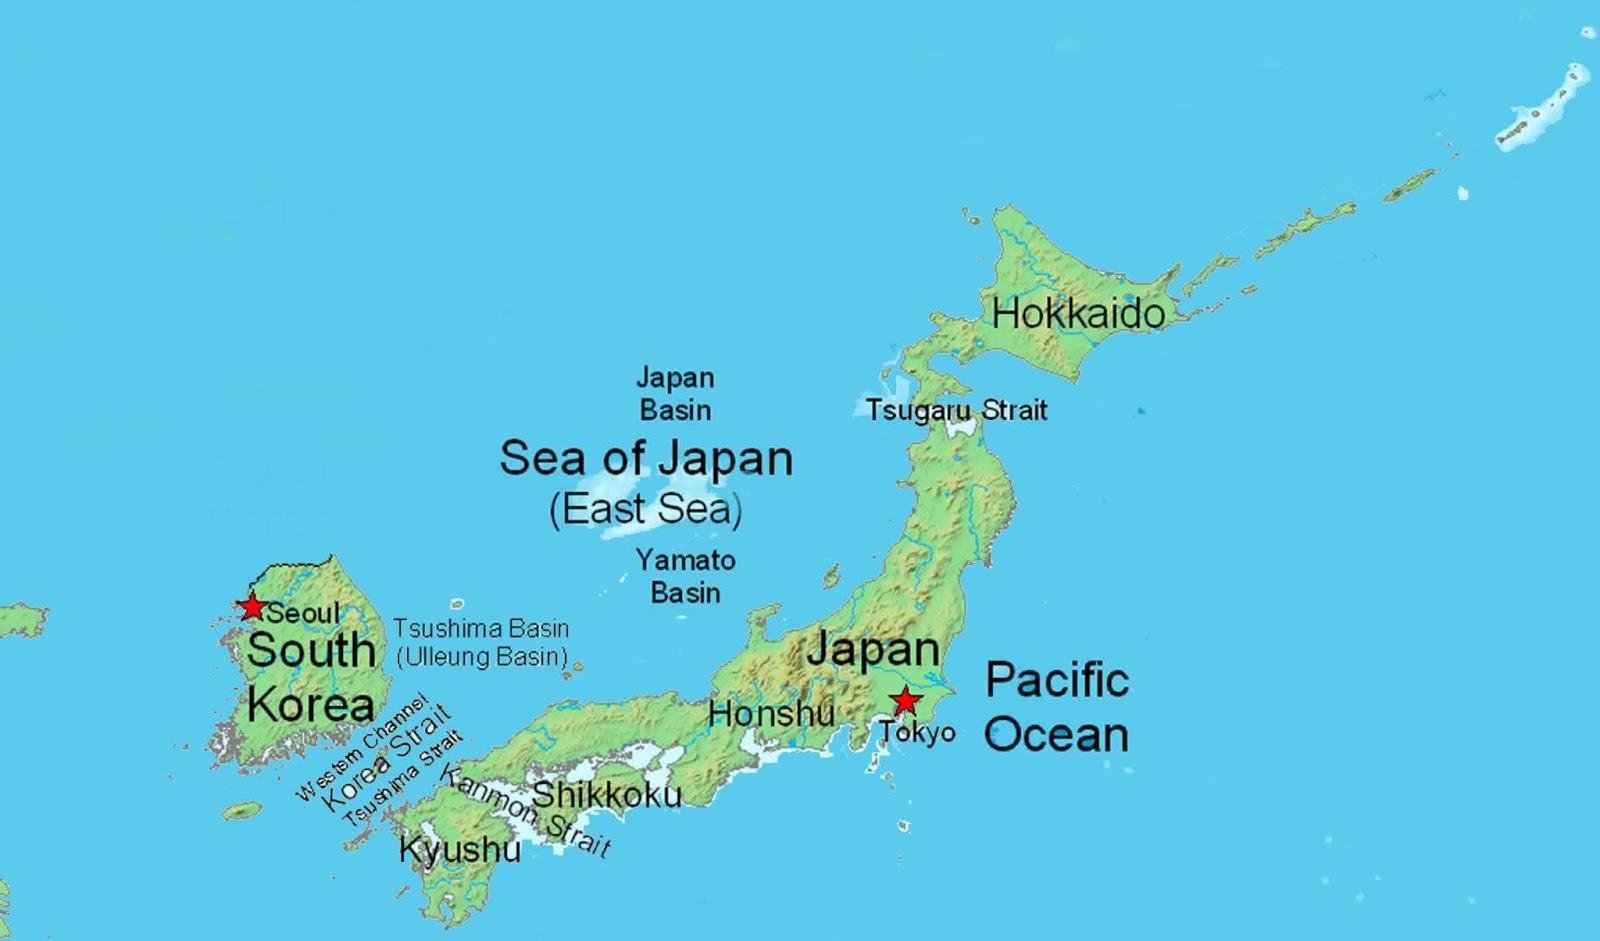 Il Giappone Cartina Fisica.Ripasso Facile Geografia Del Giappone In Breve